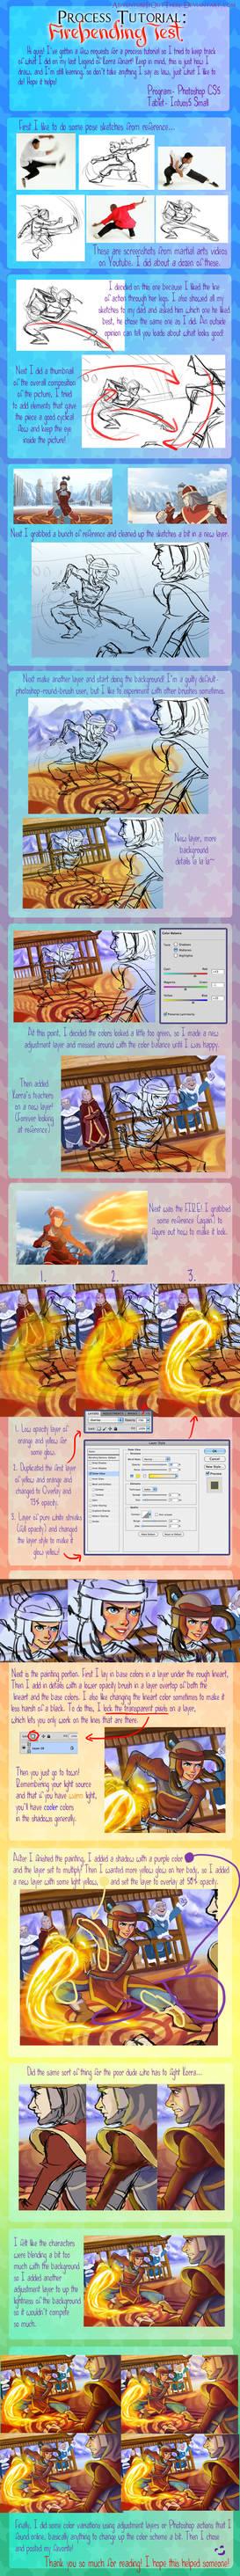 Firebending Test: Process